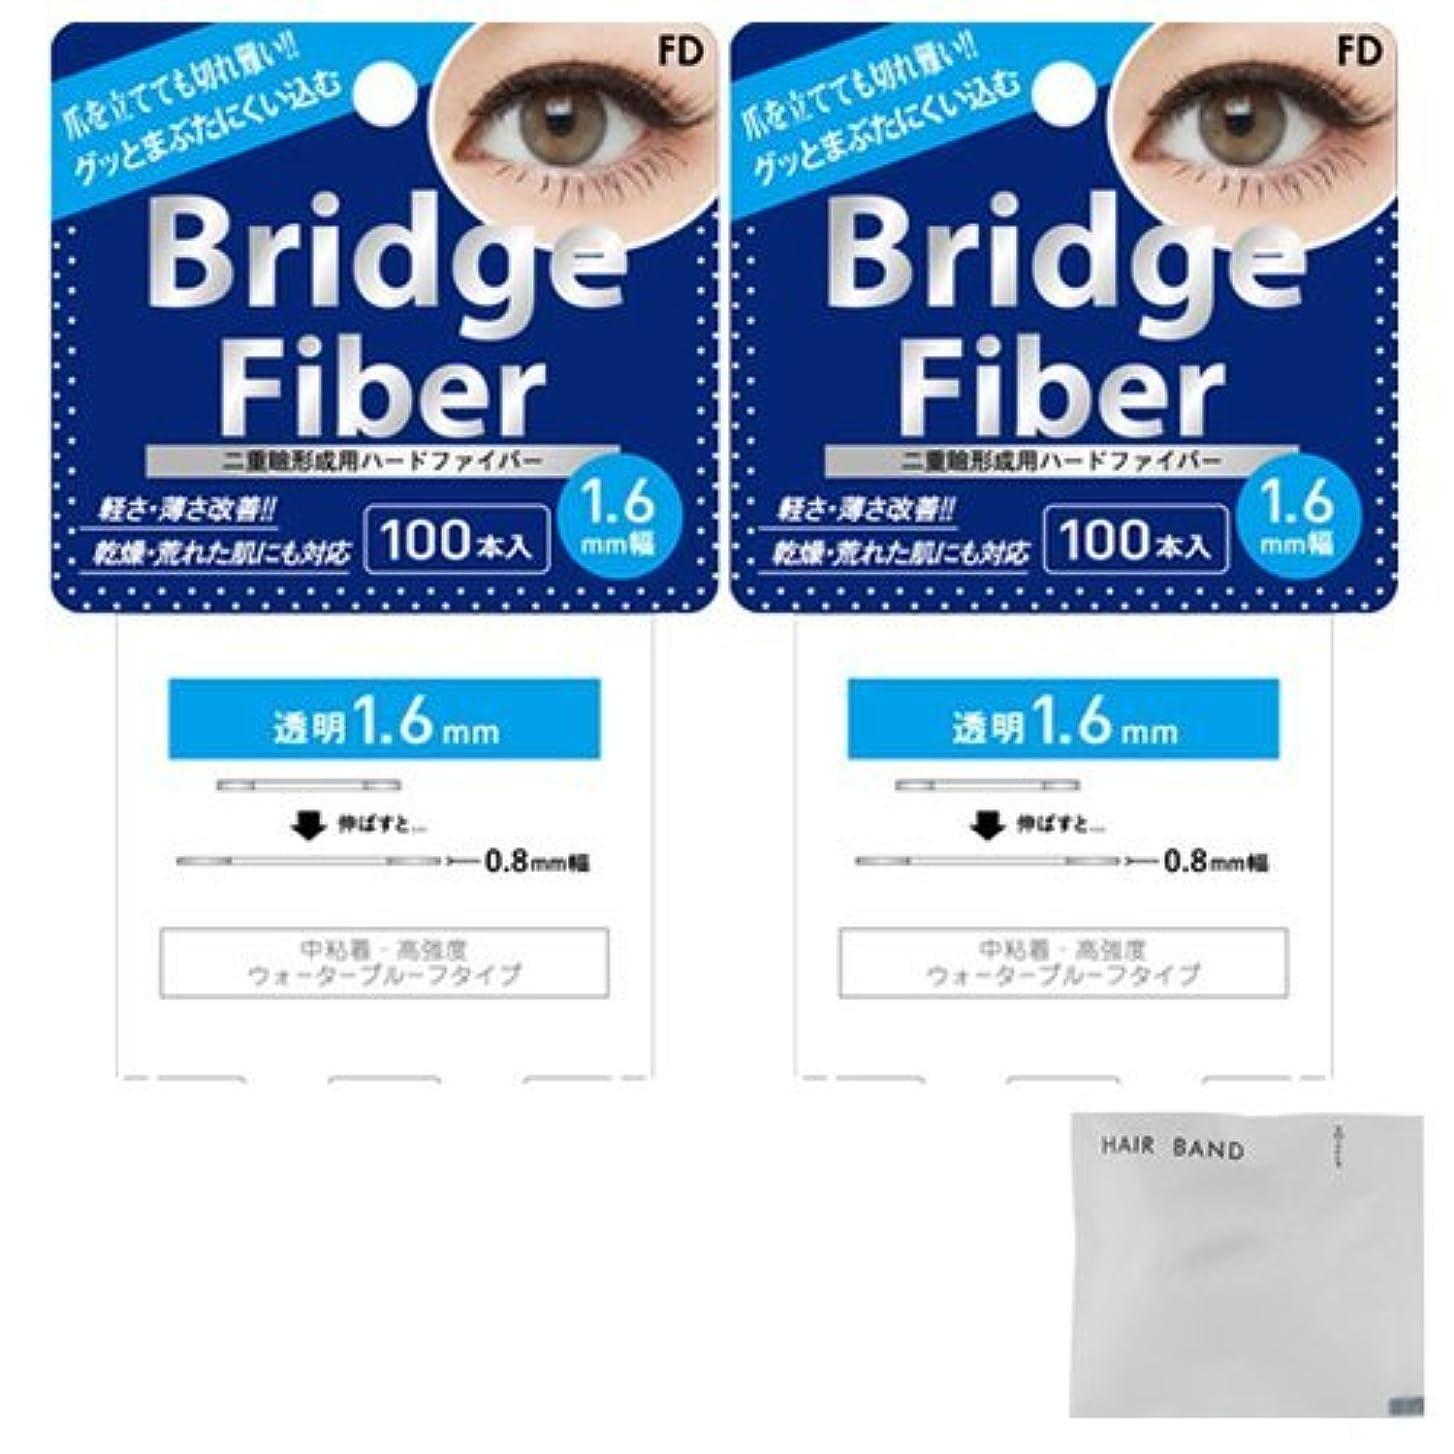 基本的な残酷な食事を調理するFD ブリッジファイバーⅡ (Bridge Fiber) クリア1.6mm×2個 + ヘアゴム(カラーはおまかせ)セット